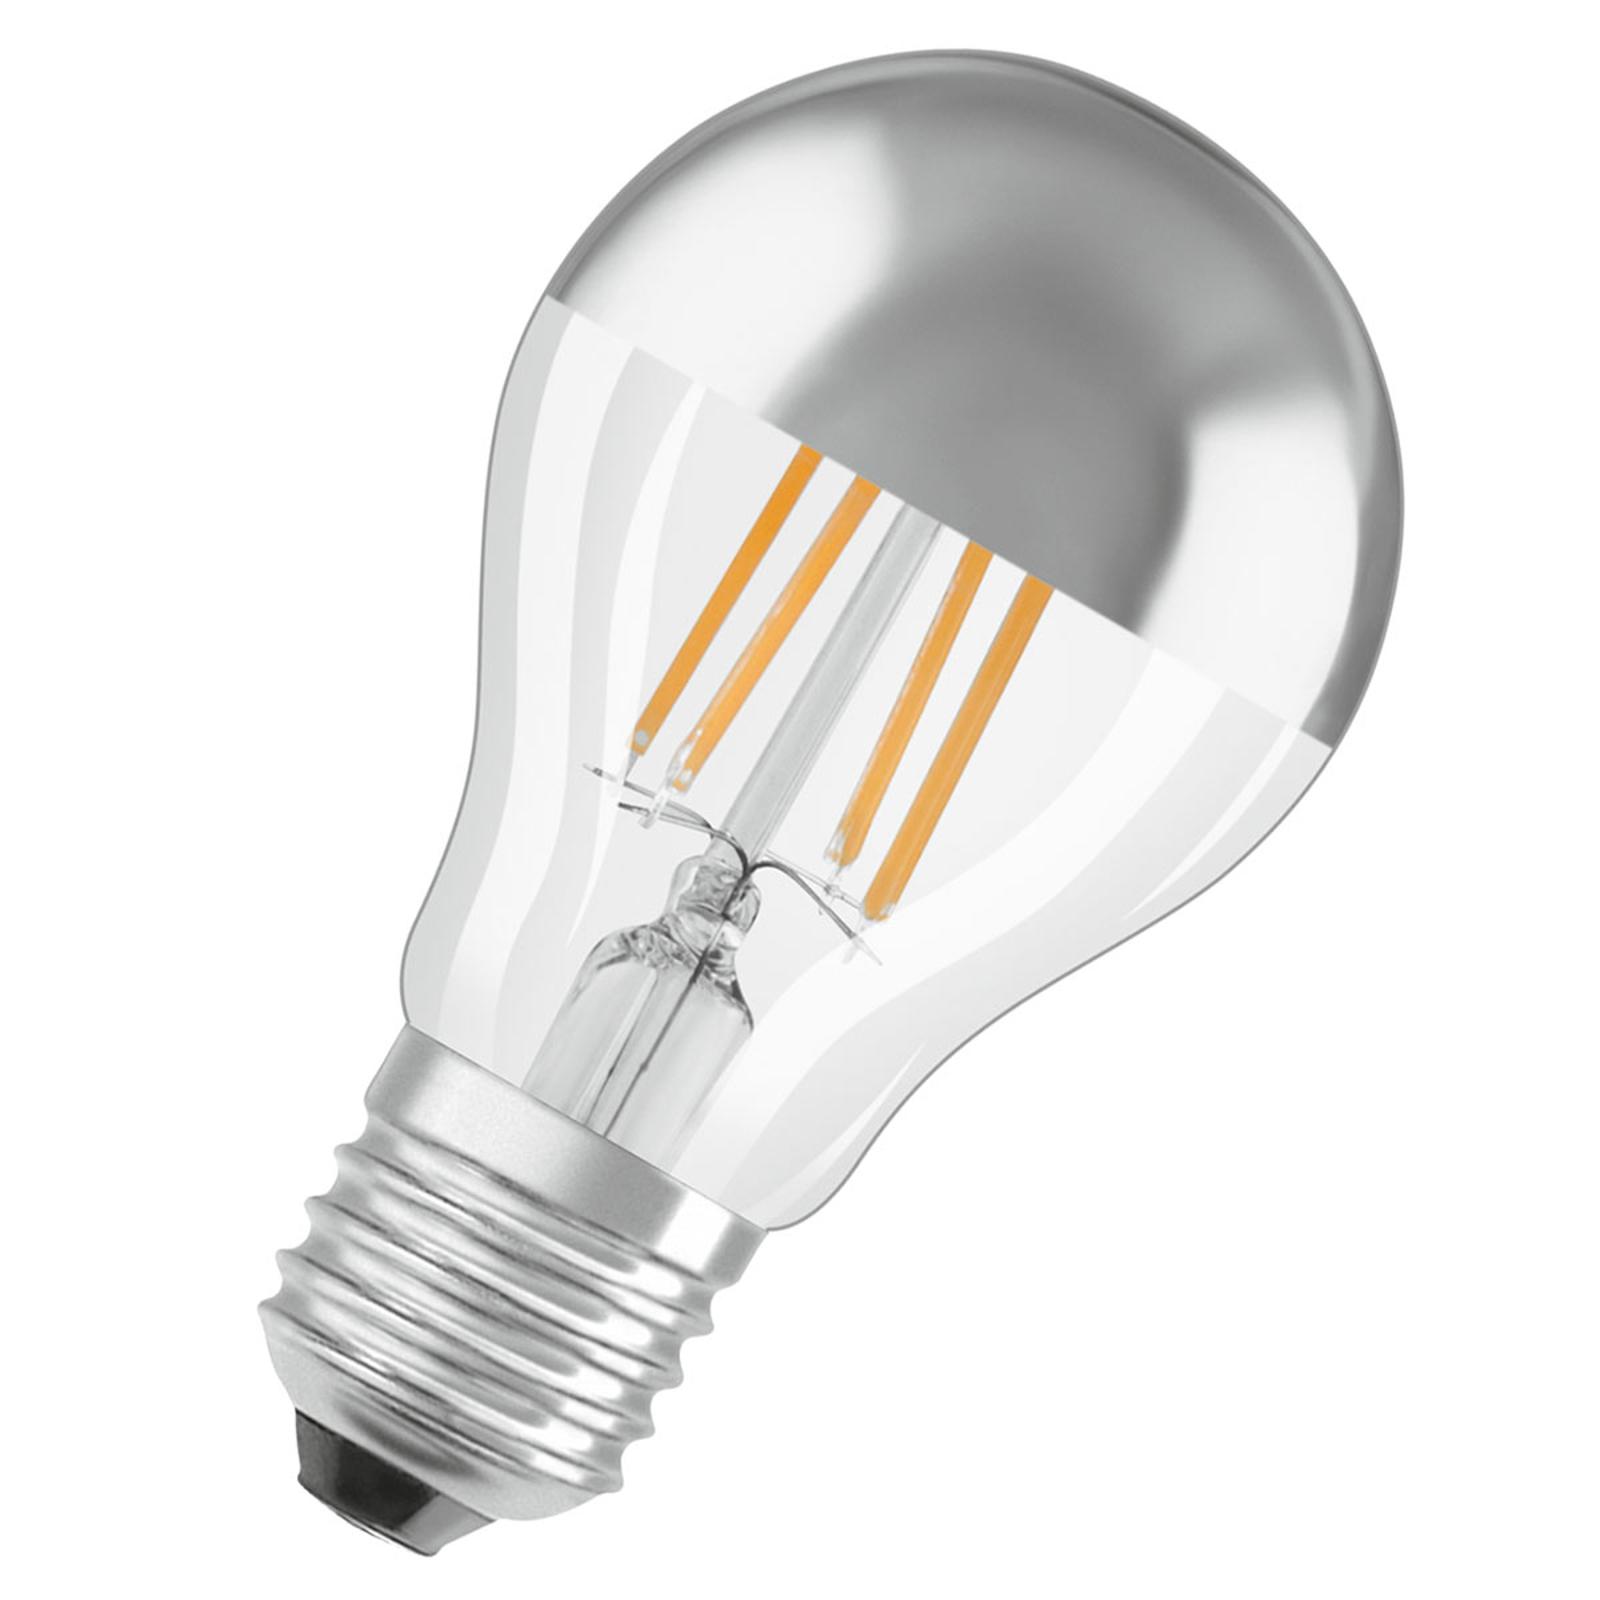 OSRAM LED-Lampe E27 Mirror silver 4W warmweiß